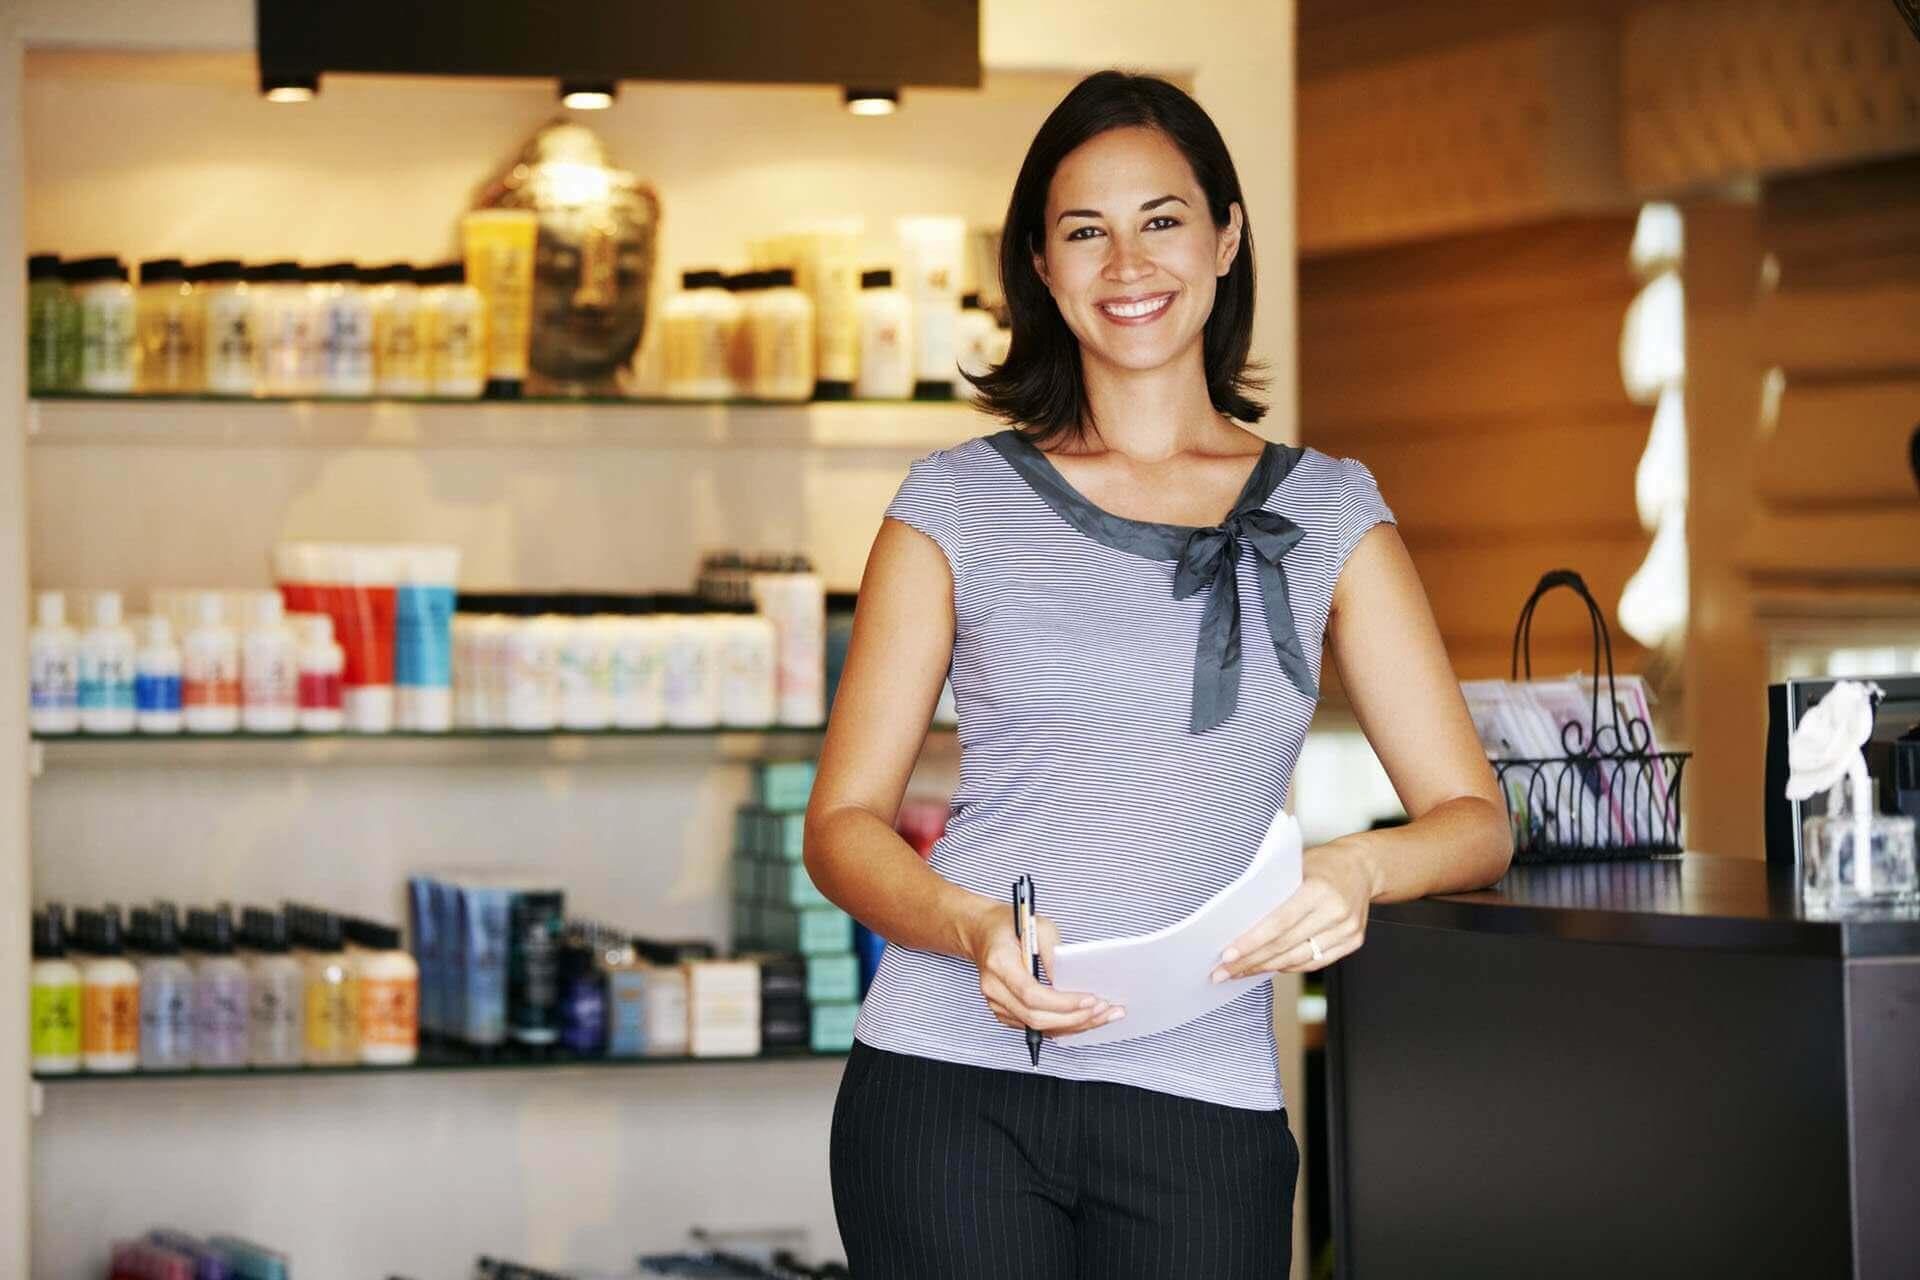 diseño y desarrollo de tiendas online, venda por internet sus productos